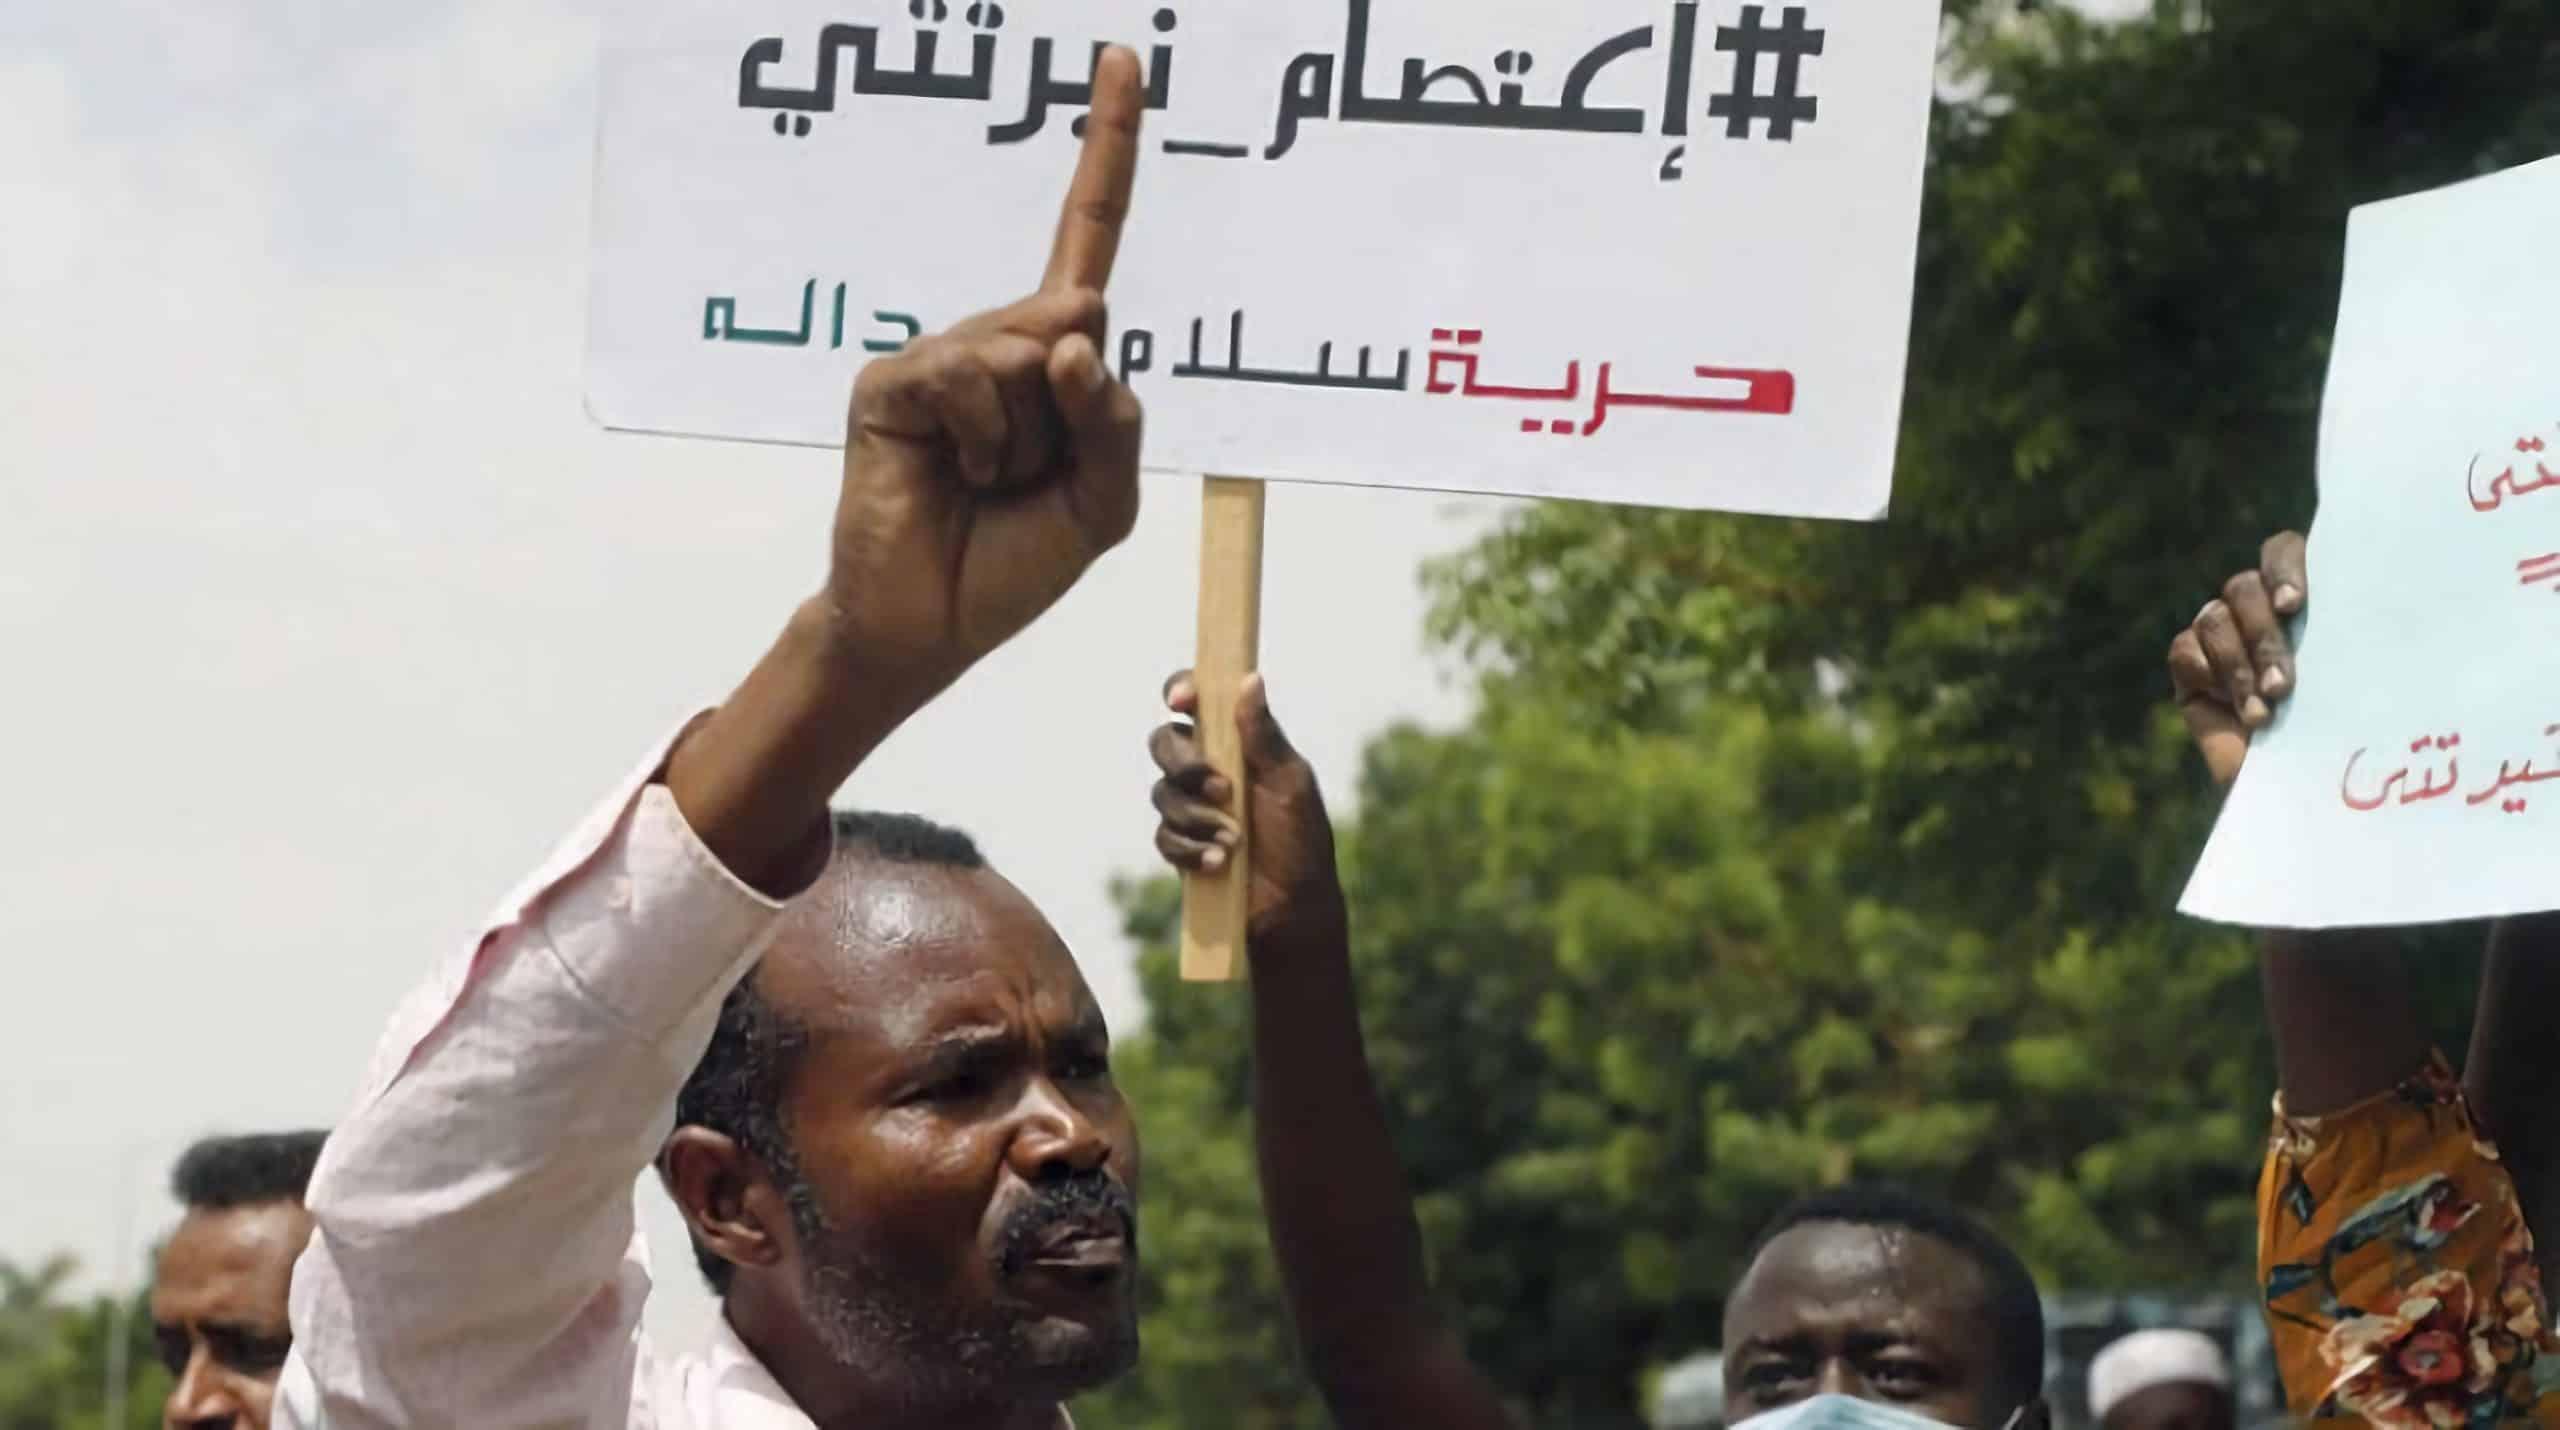 """اعتصام سكان بلدتين بدارفور لتحقيق مطالب مماثلة لـ""""نيرتتي"""""""